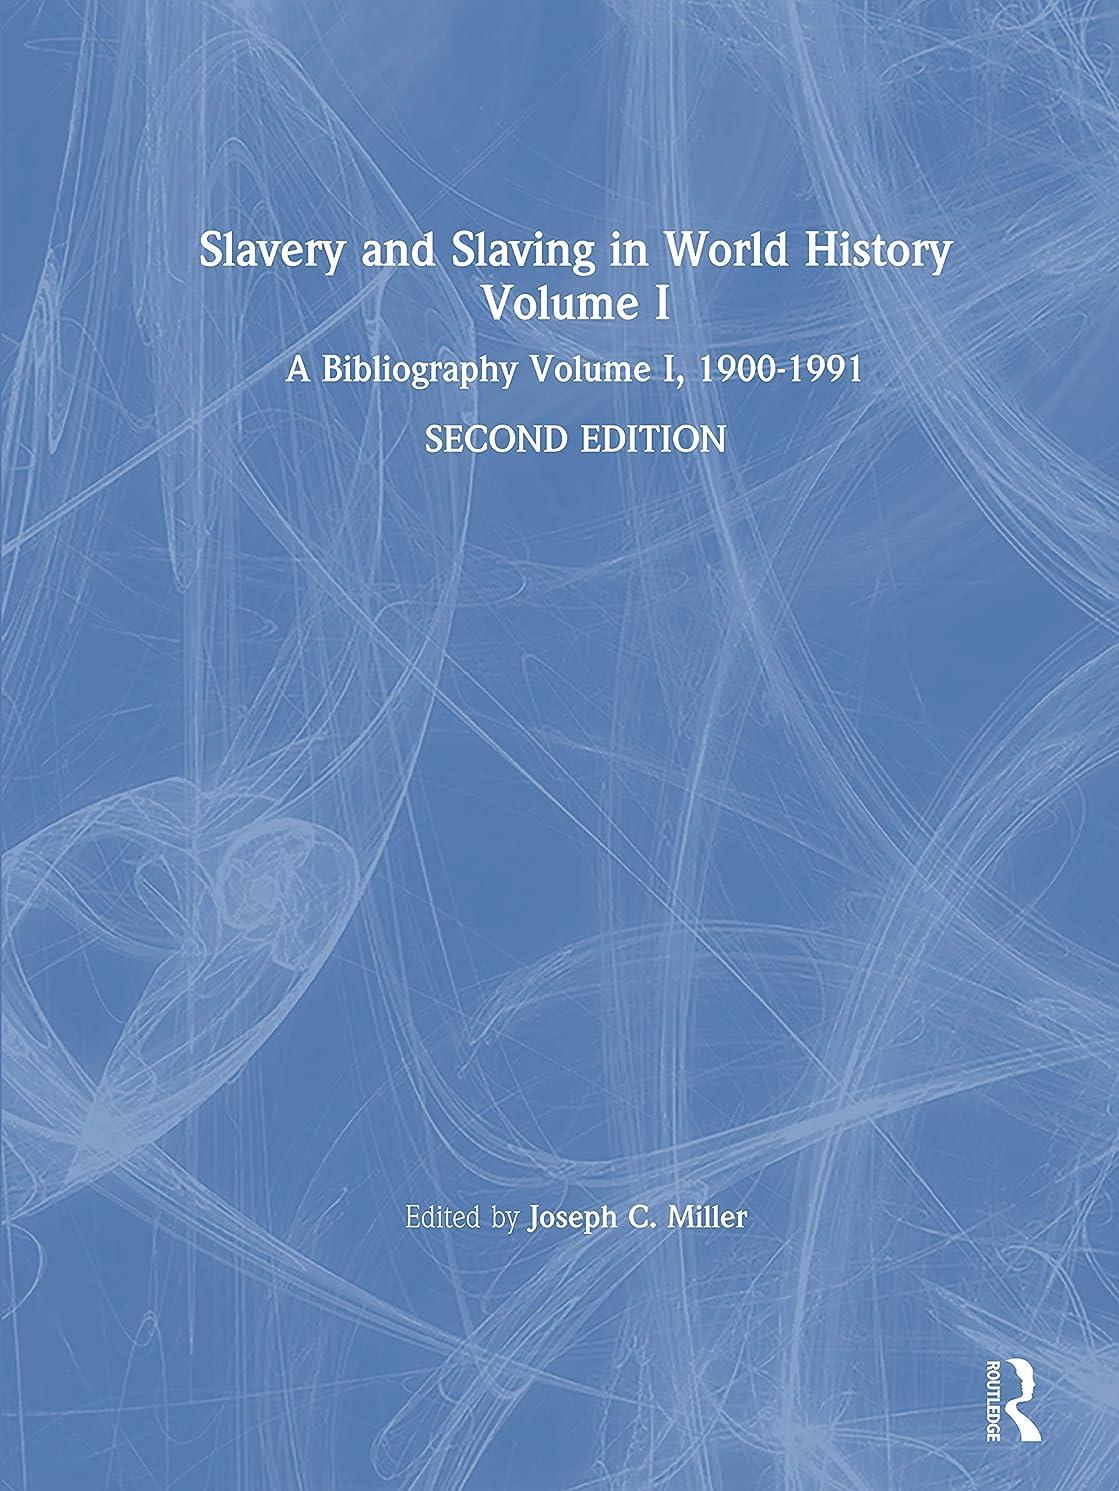 モネ受け取る遠征Slavery and Slaving in World History: A Bibliography, 1900-91: v. 1 (Slavery & Slaving in World History) (English Edition)